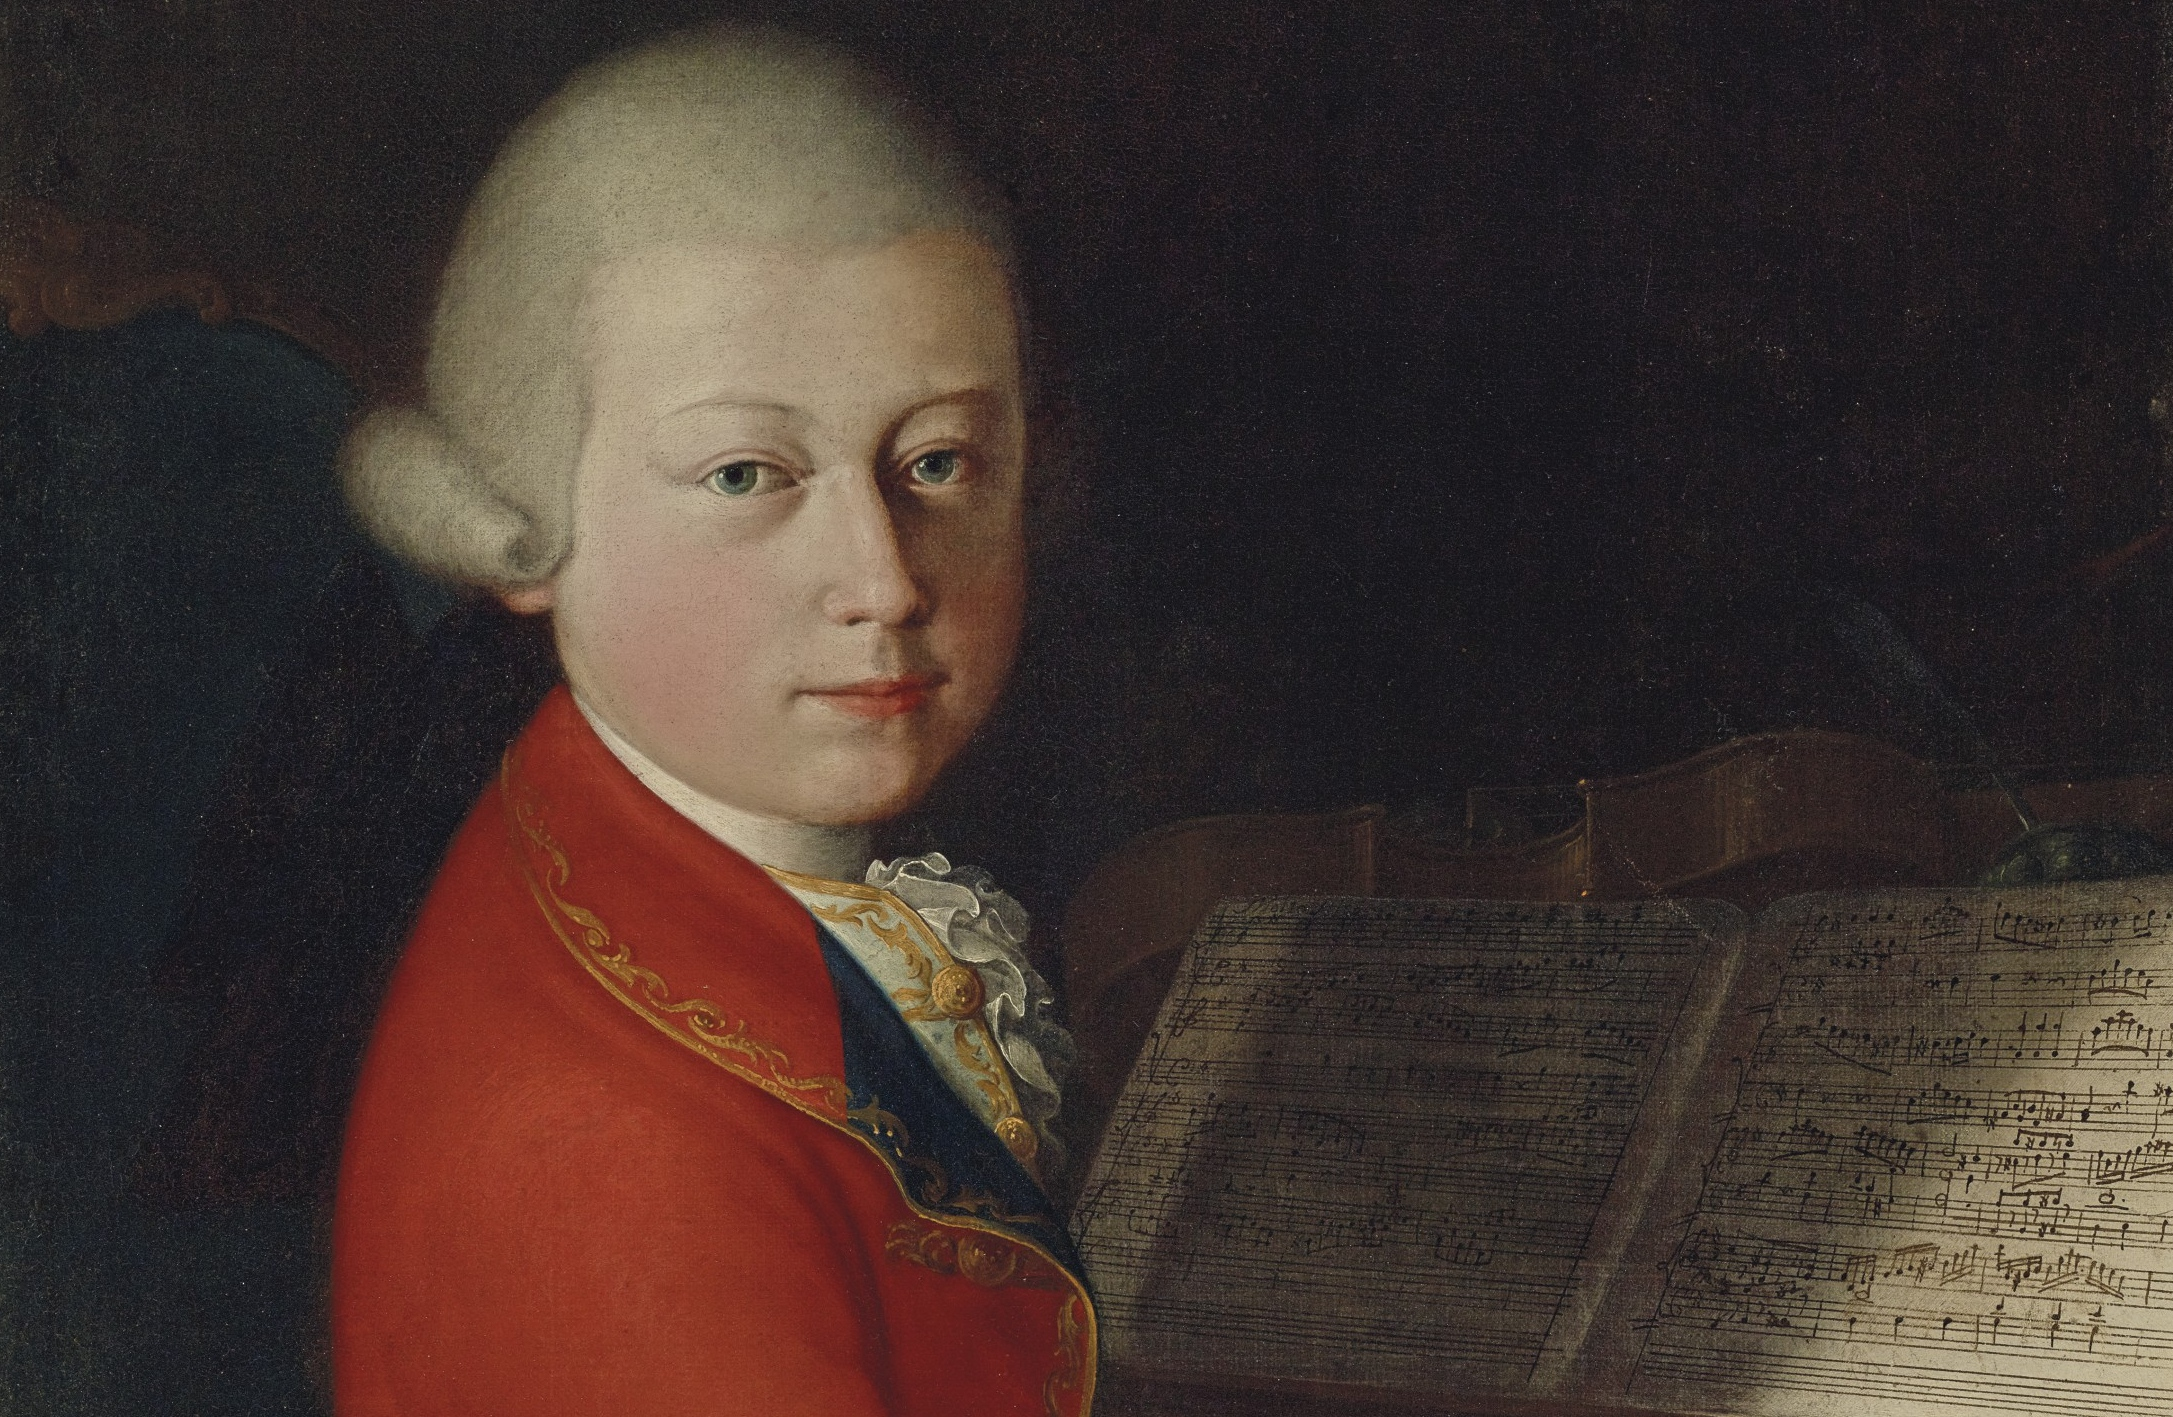 Oltre 4 milioni per il ritratto di Mozart. Record all'asta da Christie's Parigi